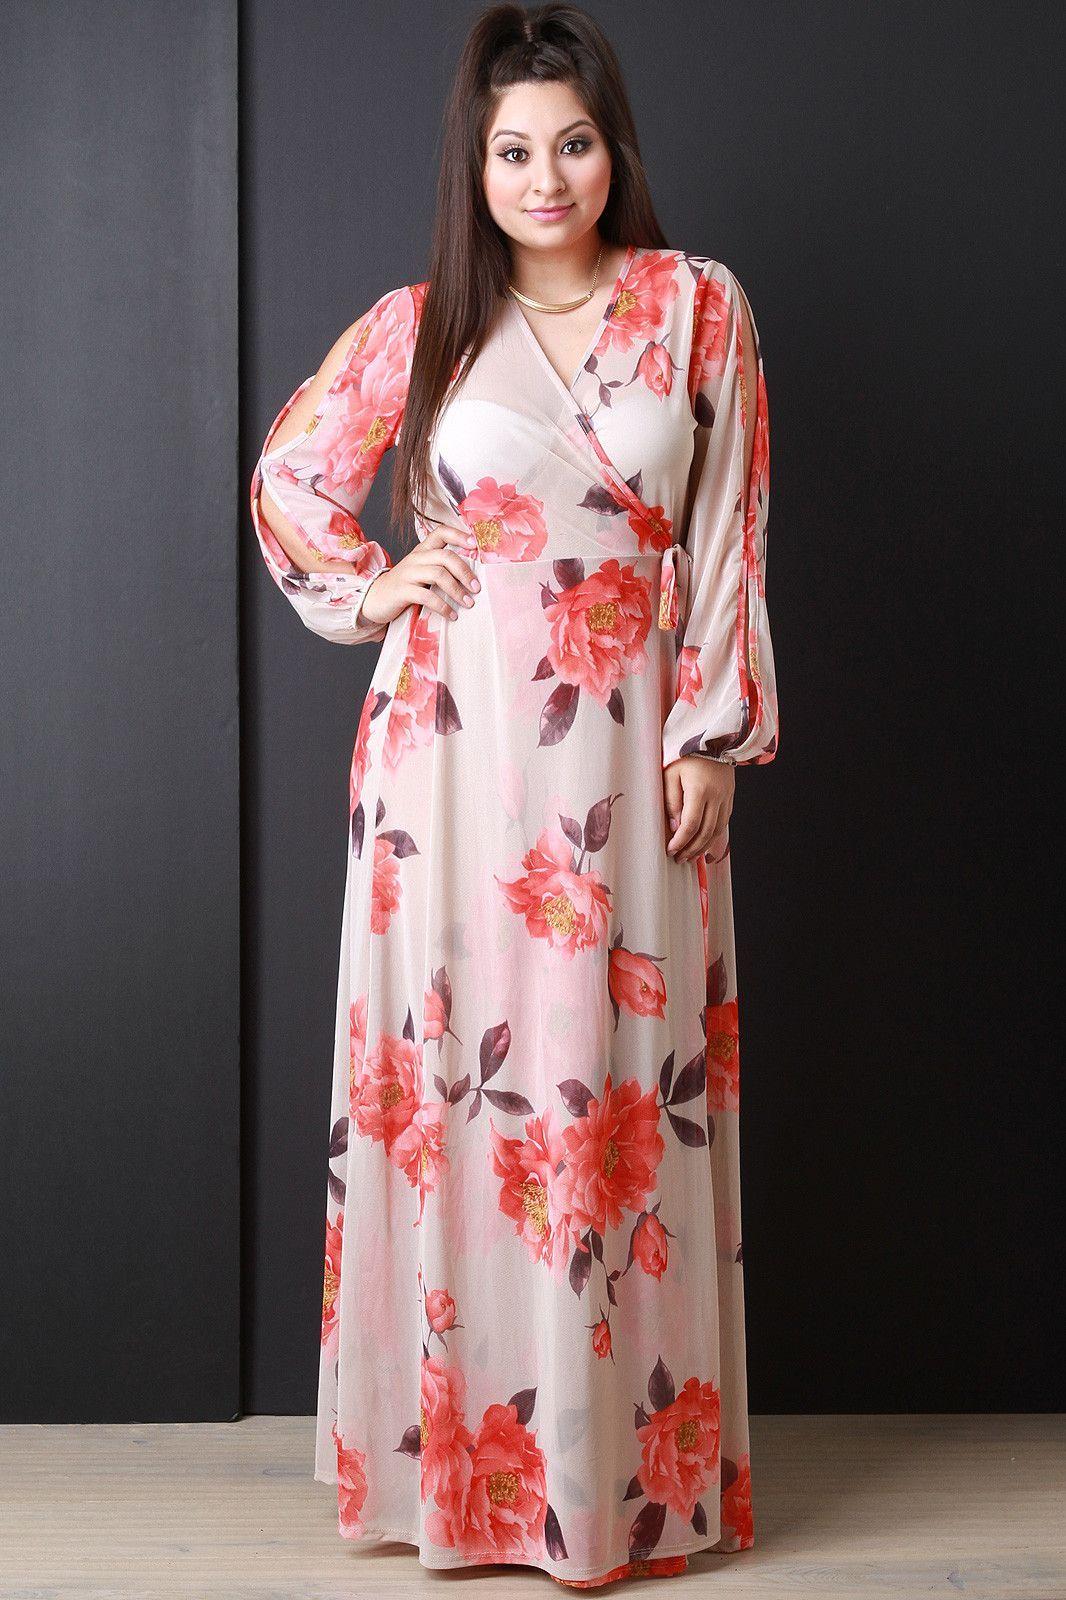 Semi-Sheer Floral Wrap Maxi Dress | Peinados, Vestiditos y Estilo